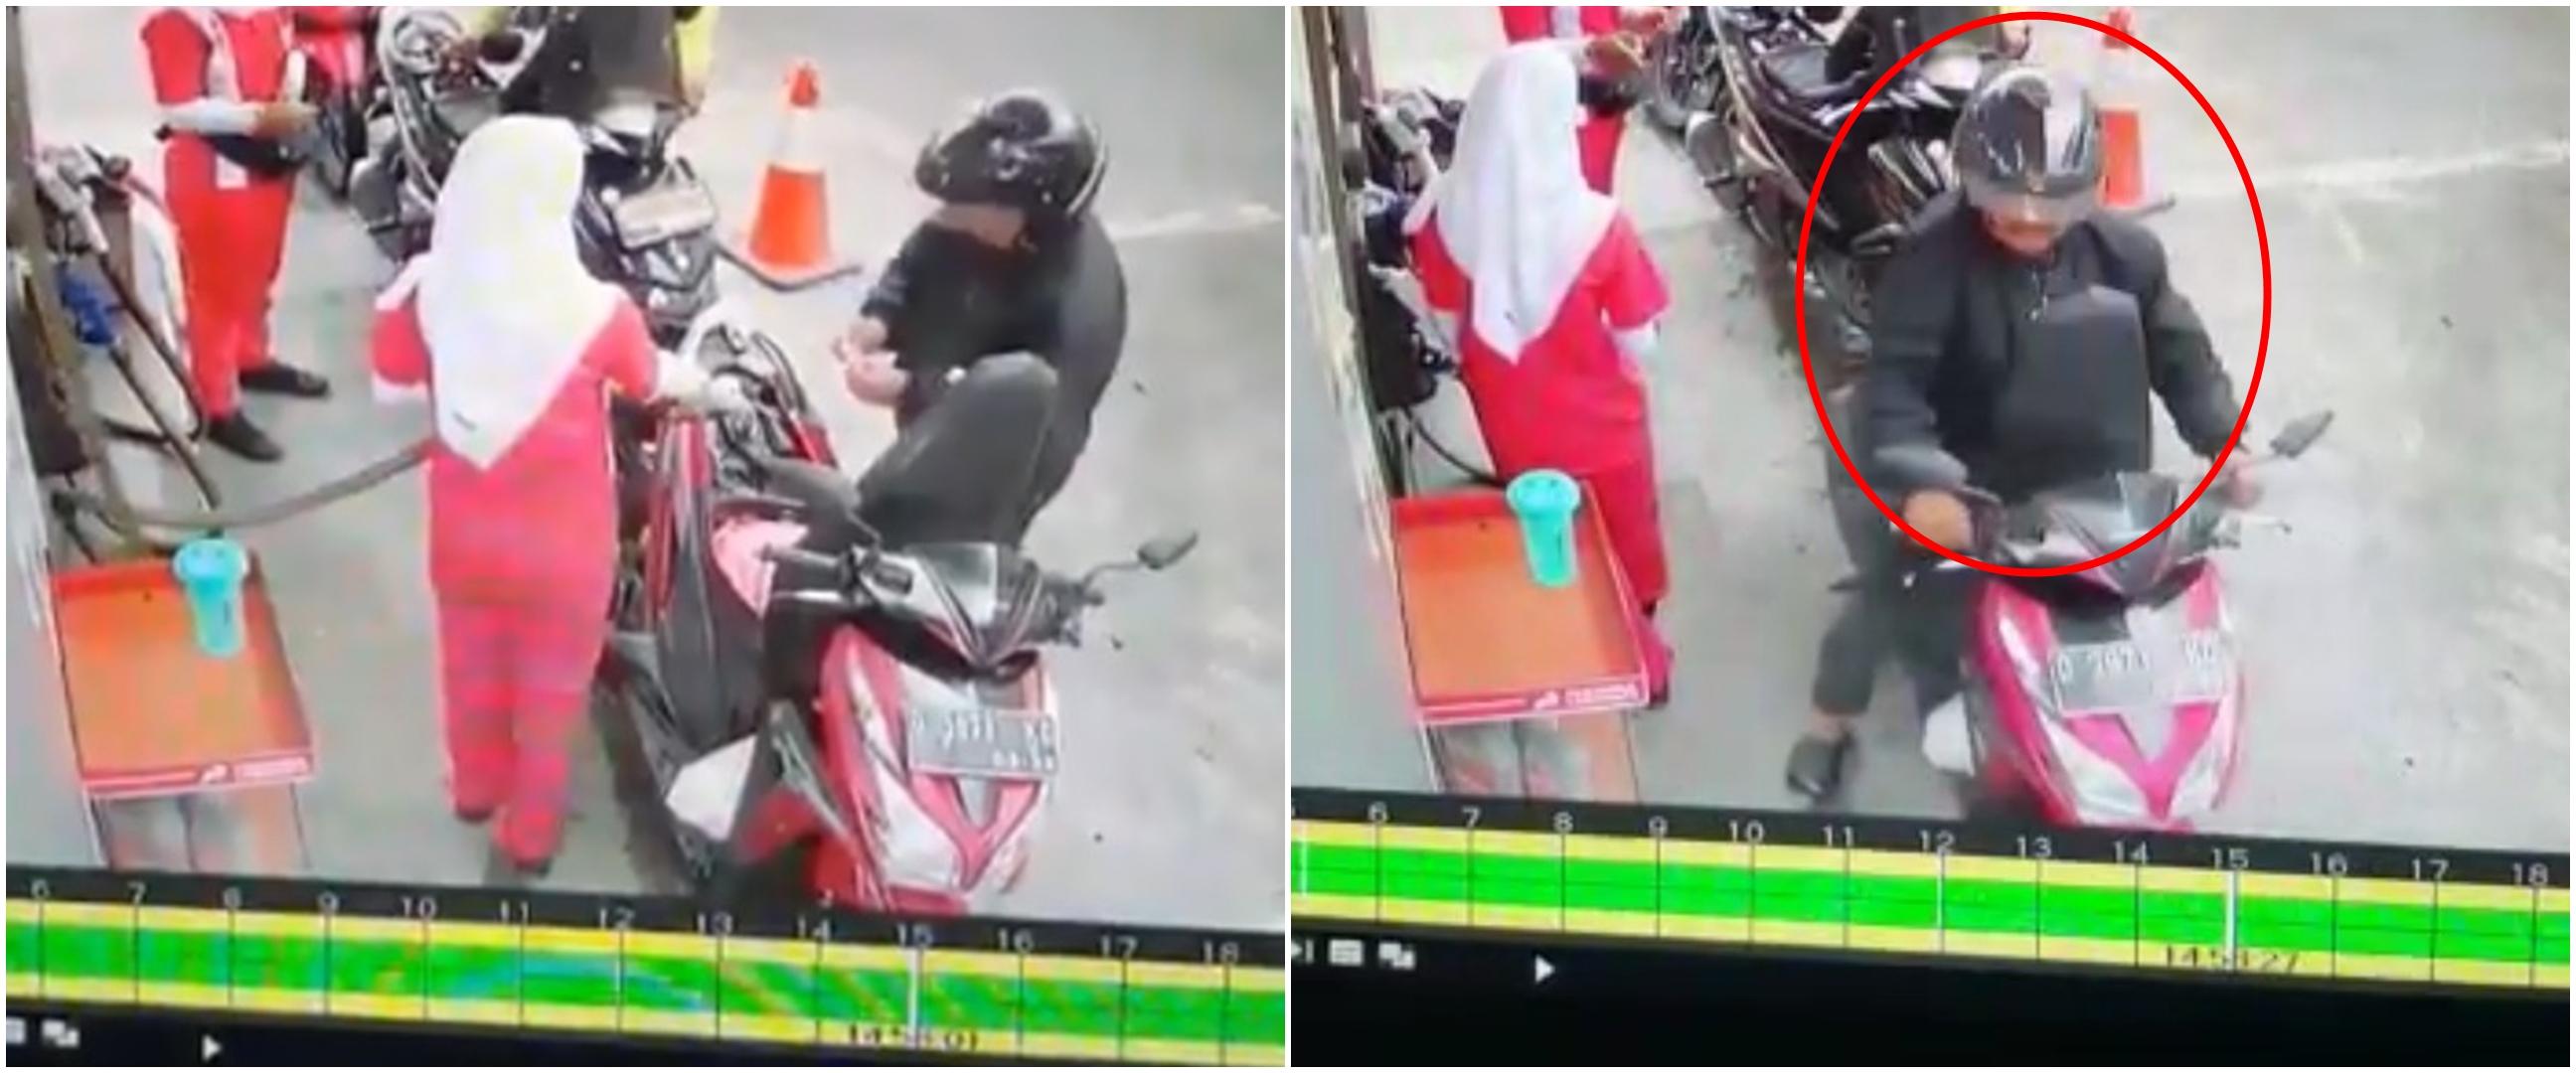 Detik-detik pria isi bensin lupa tutup jok ini bikin ketawa